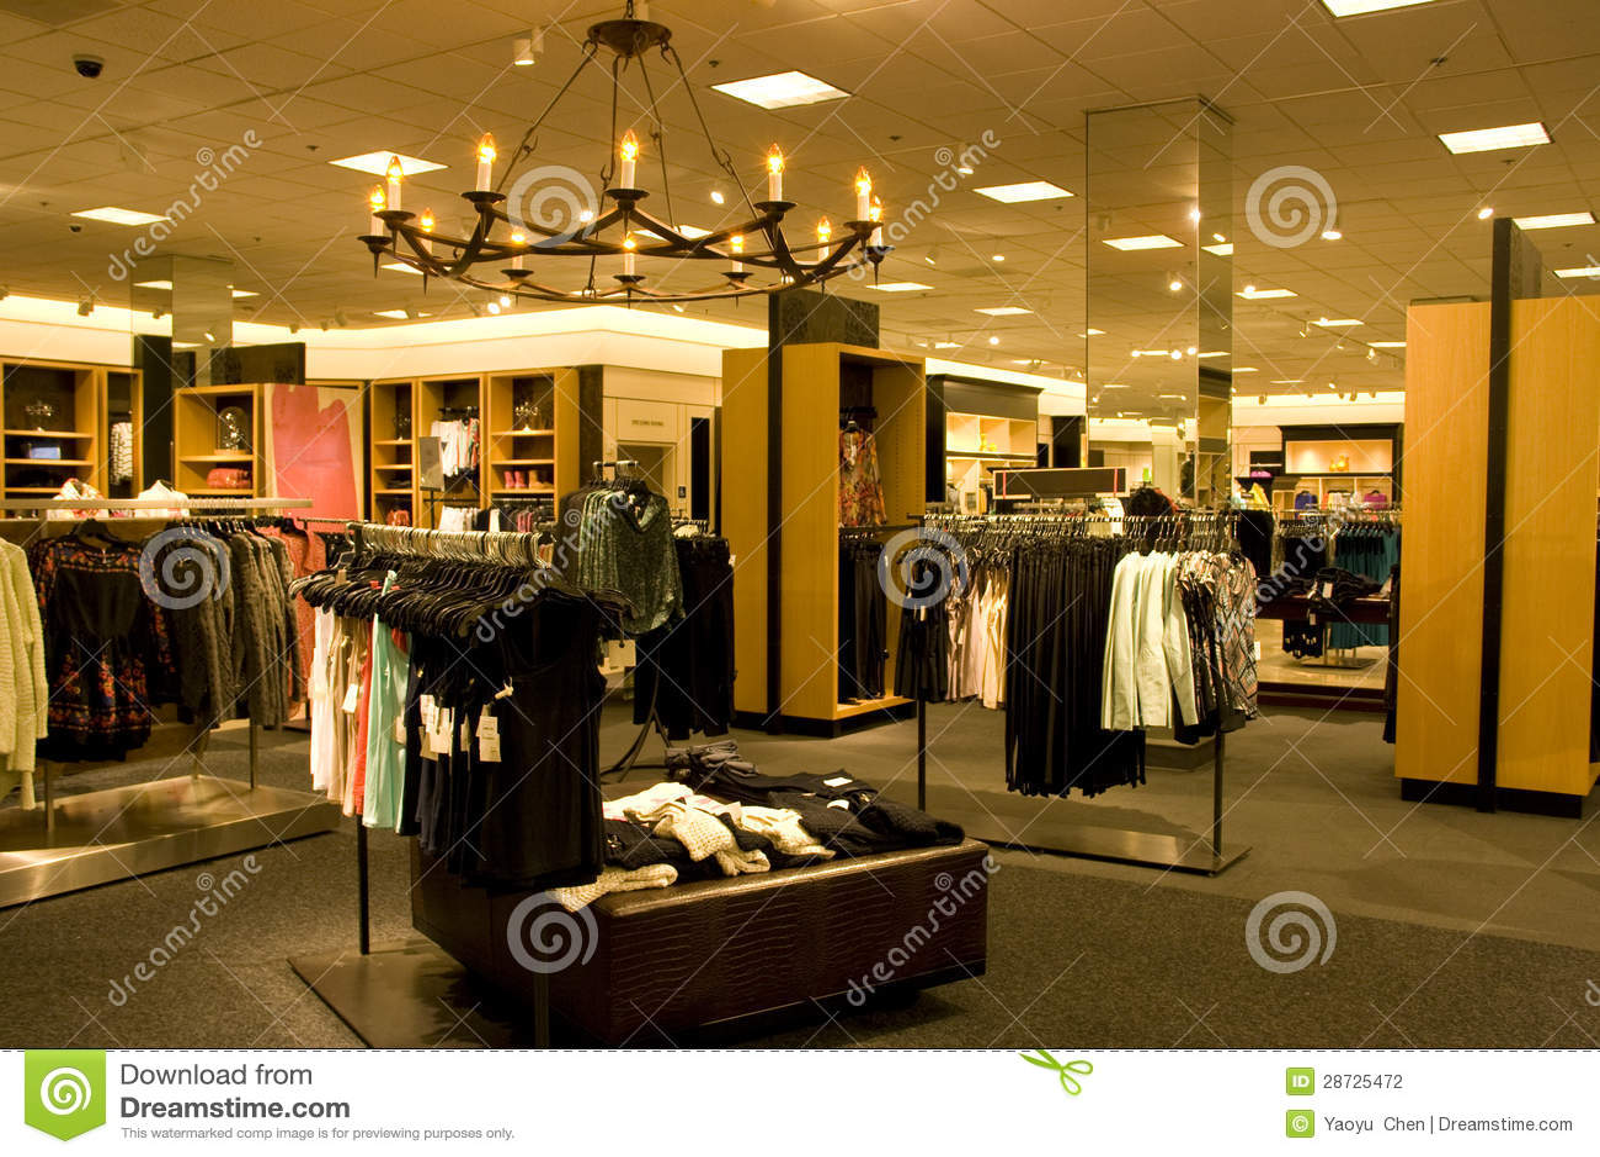 La Boutique Clothing Stores